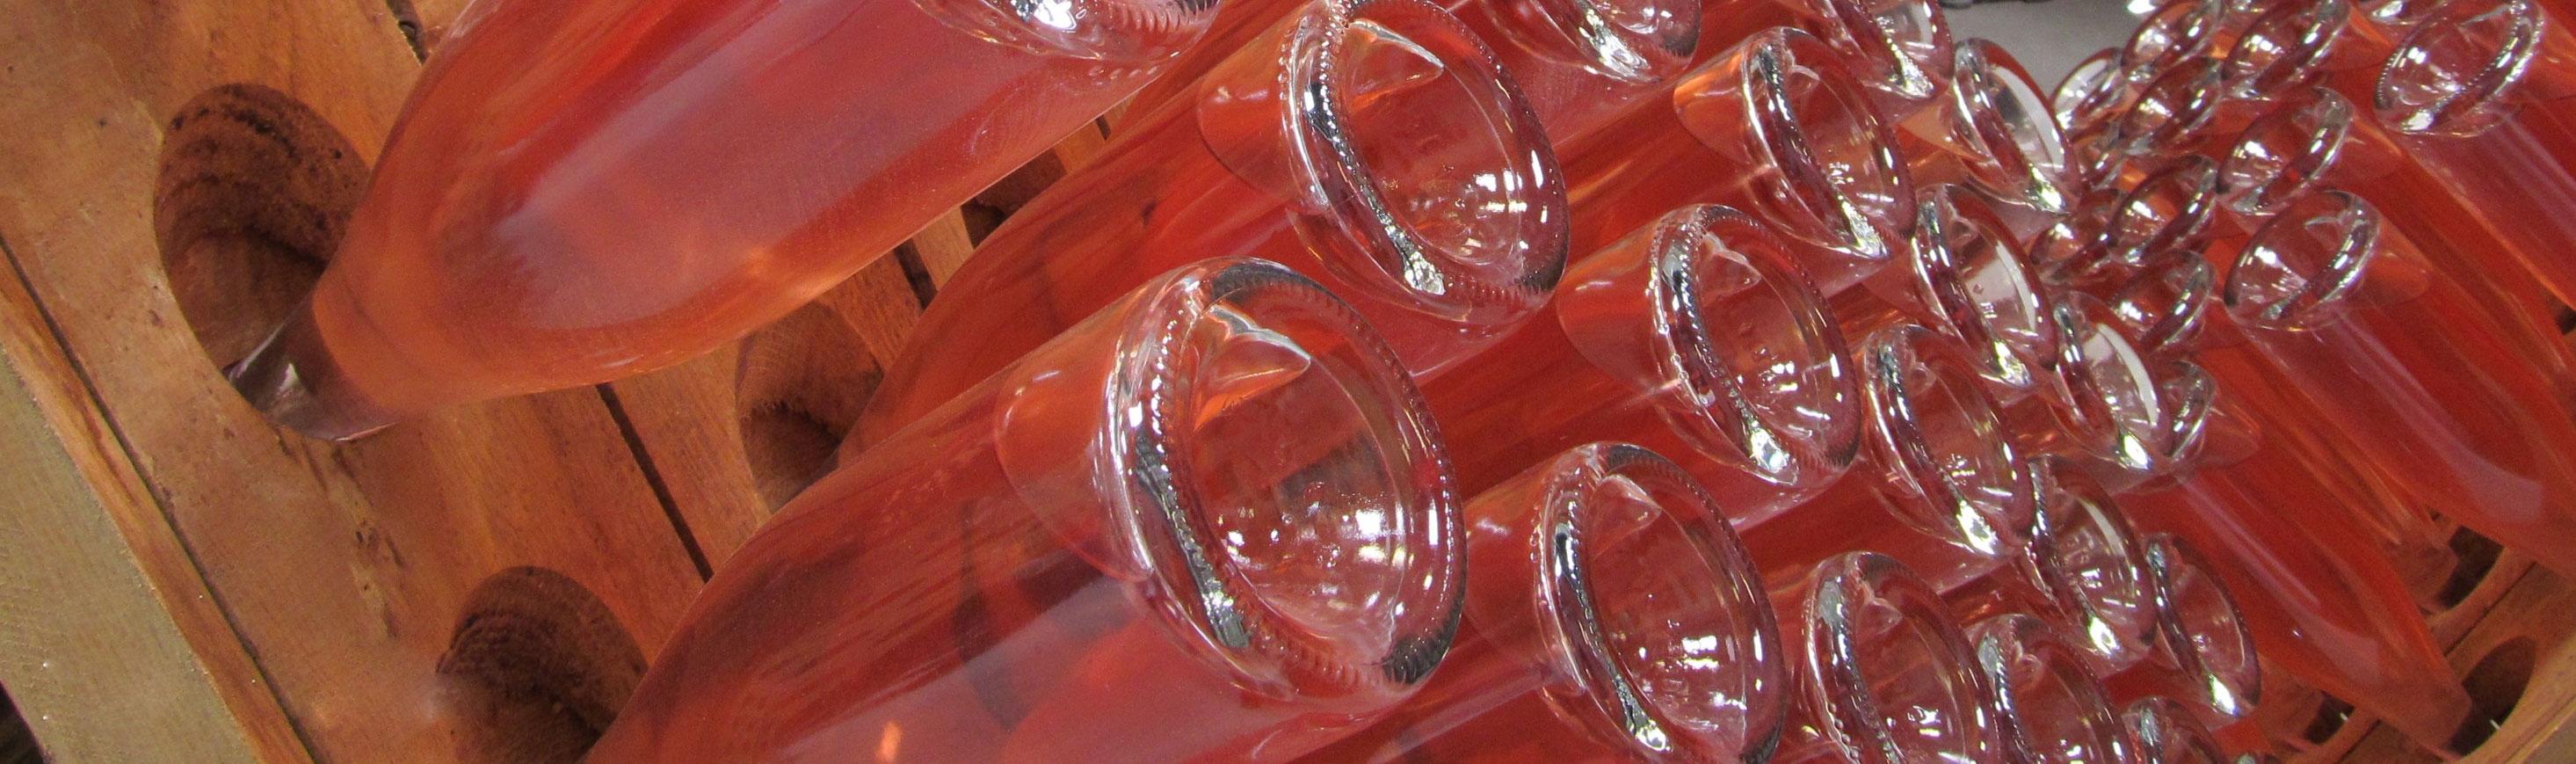 Botellas de vino rosado por sangrado